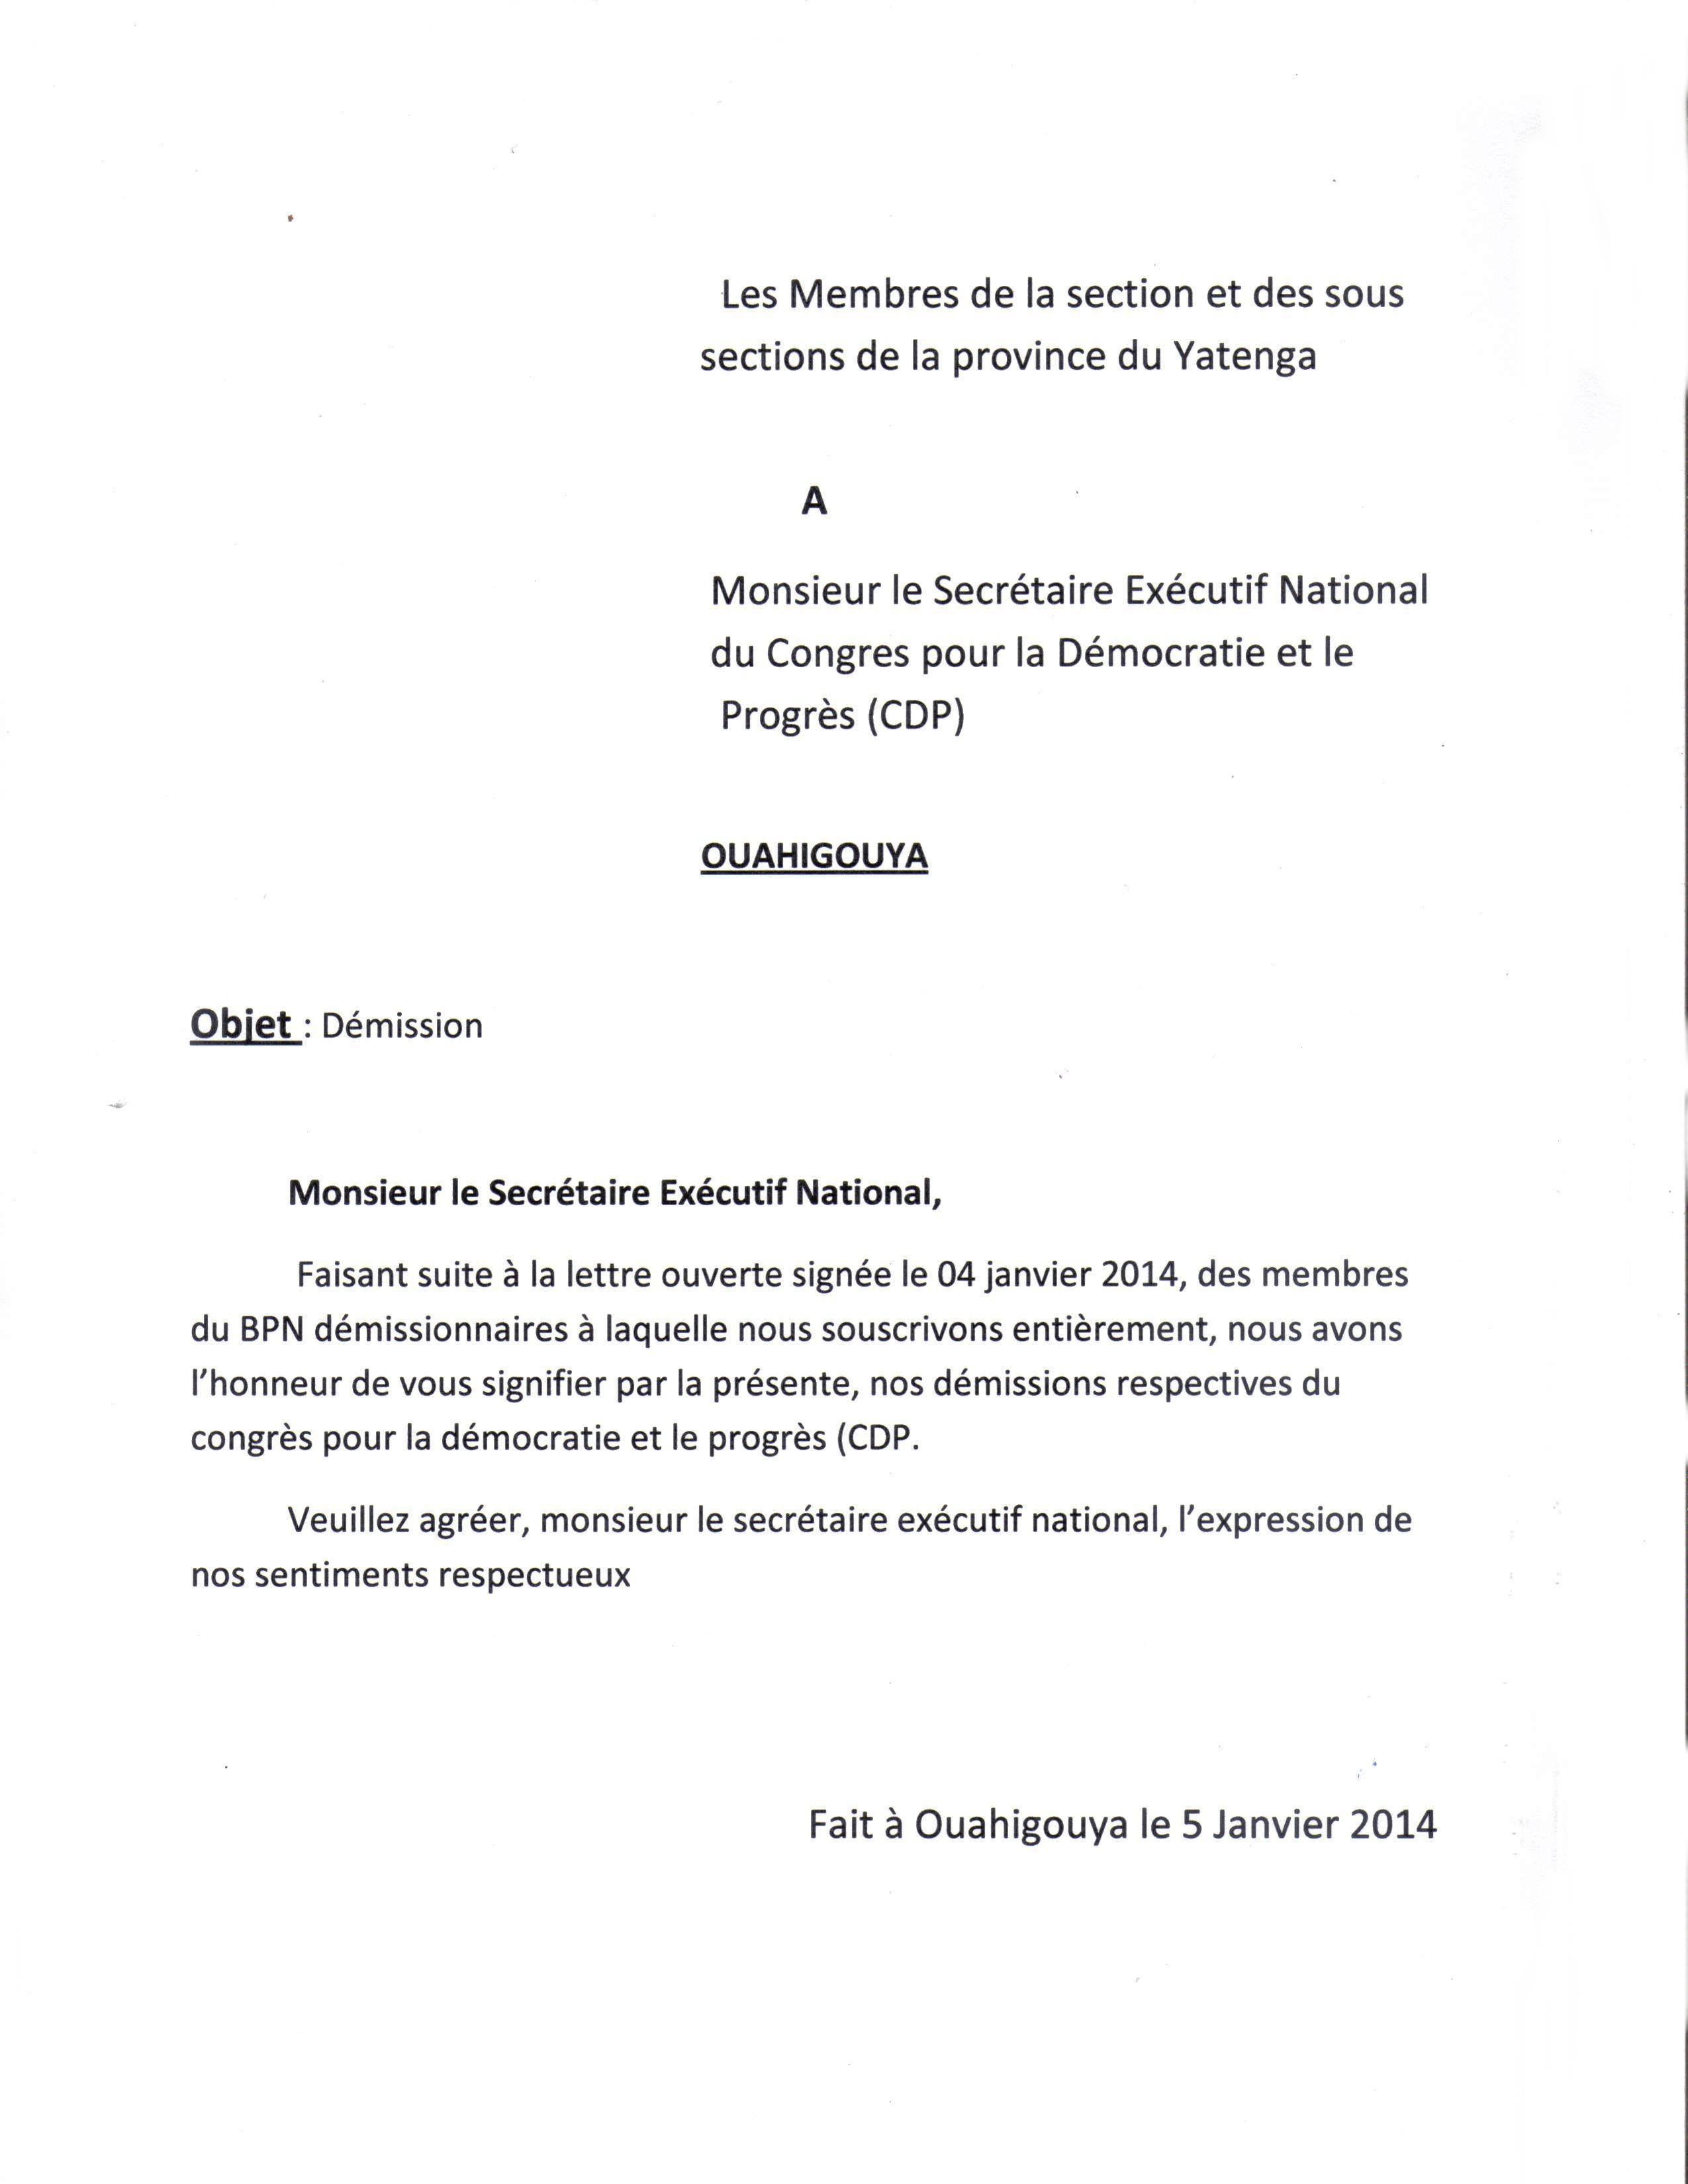 lettre de demission vendeuse en boulangerie lettre de démission – L'Actualité du Burkina Faso 24h/24 lettre de demission vendeuse en boulangerie